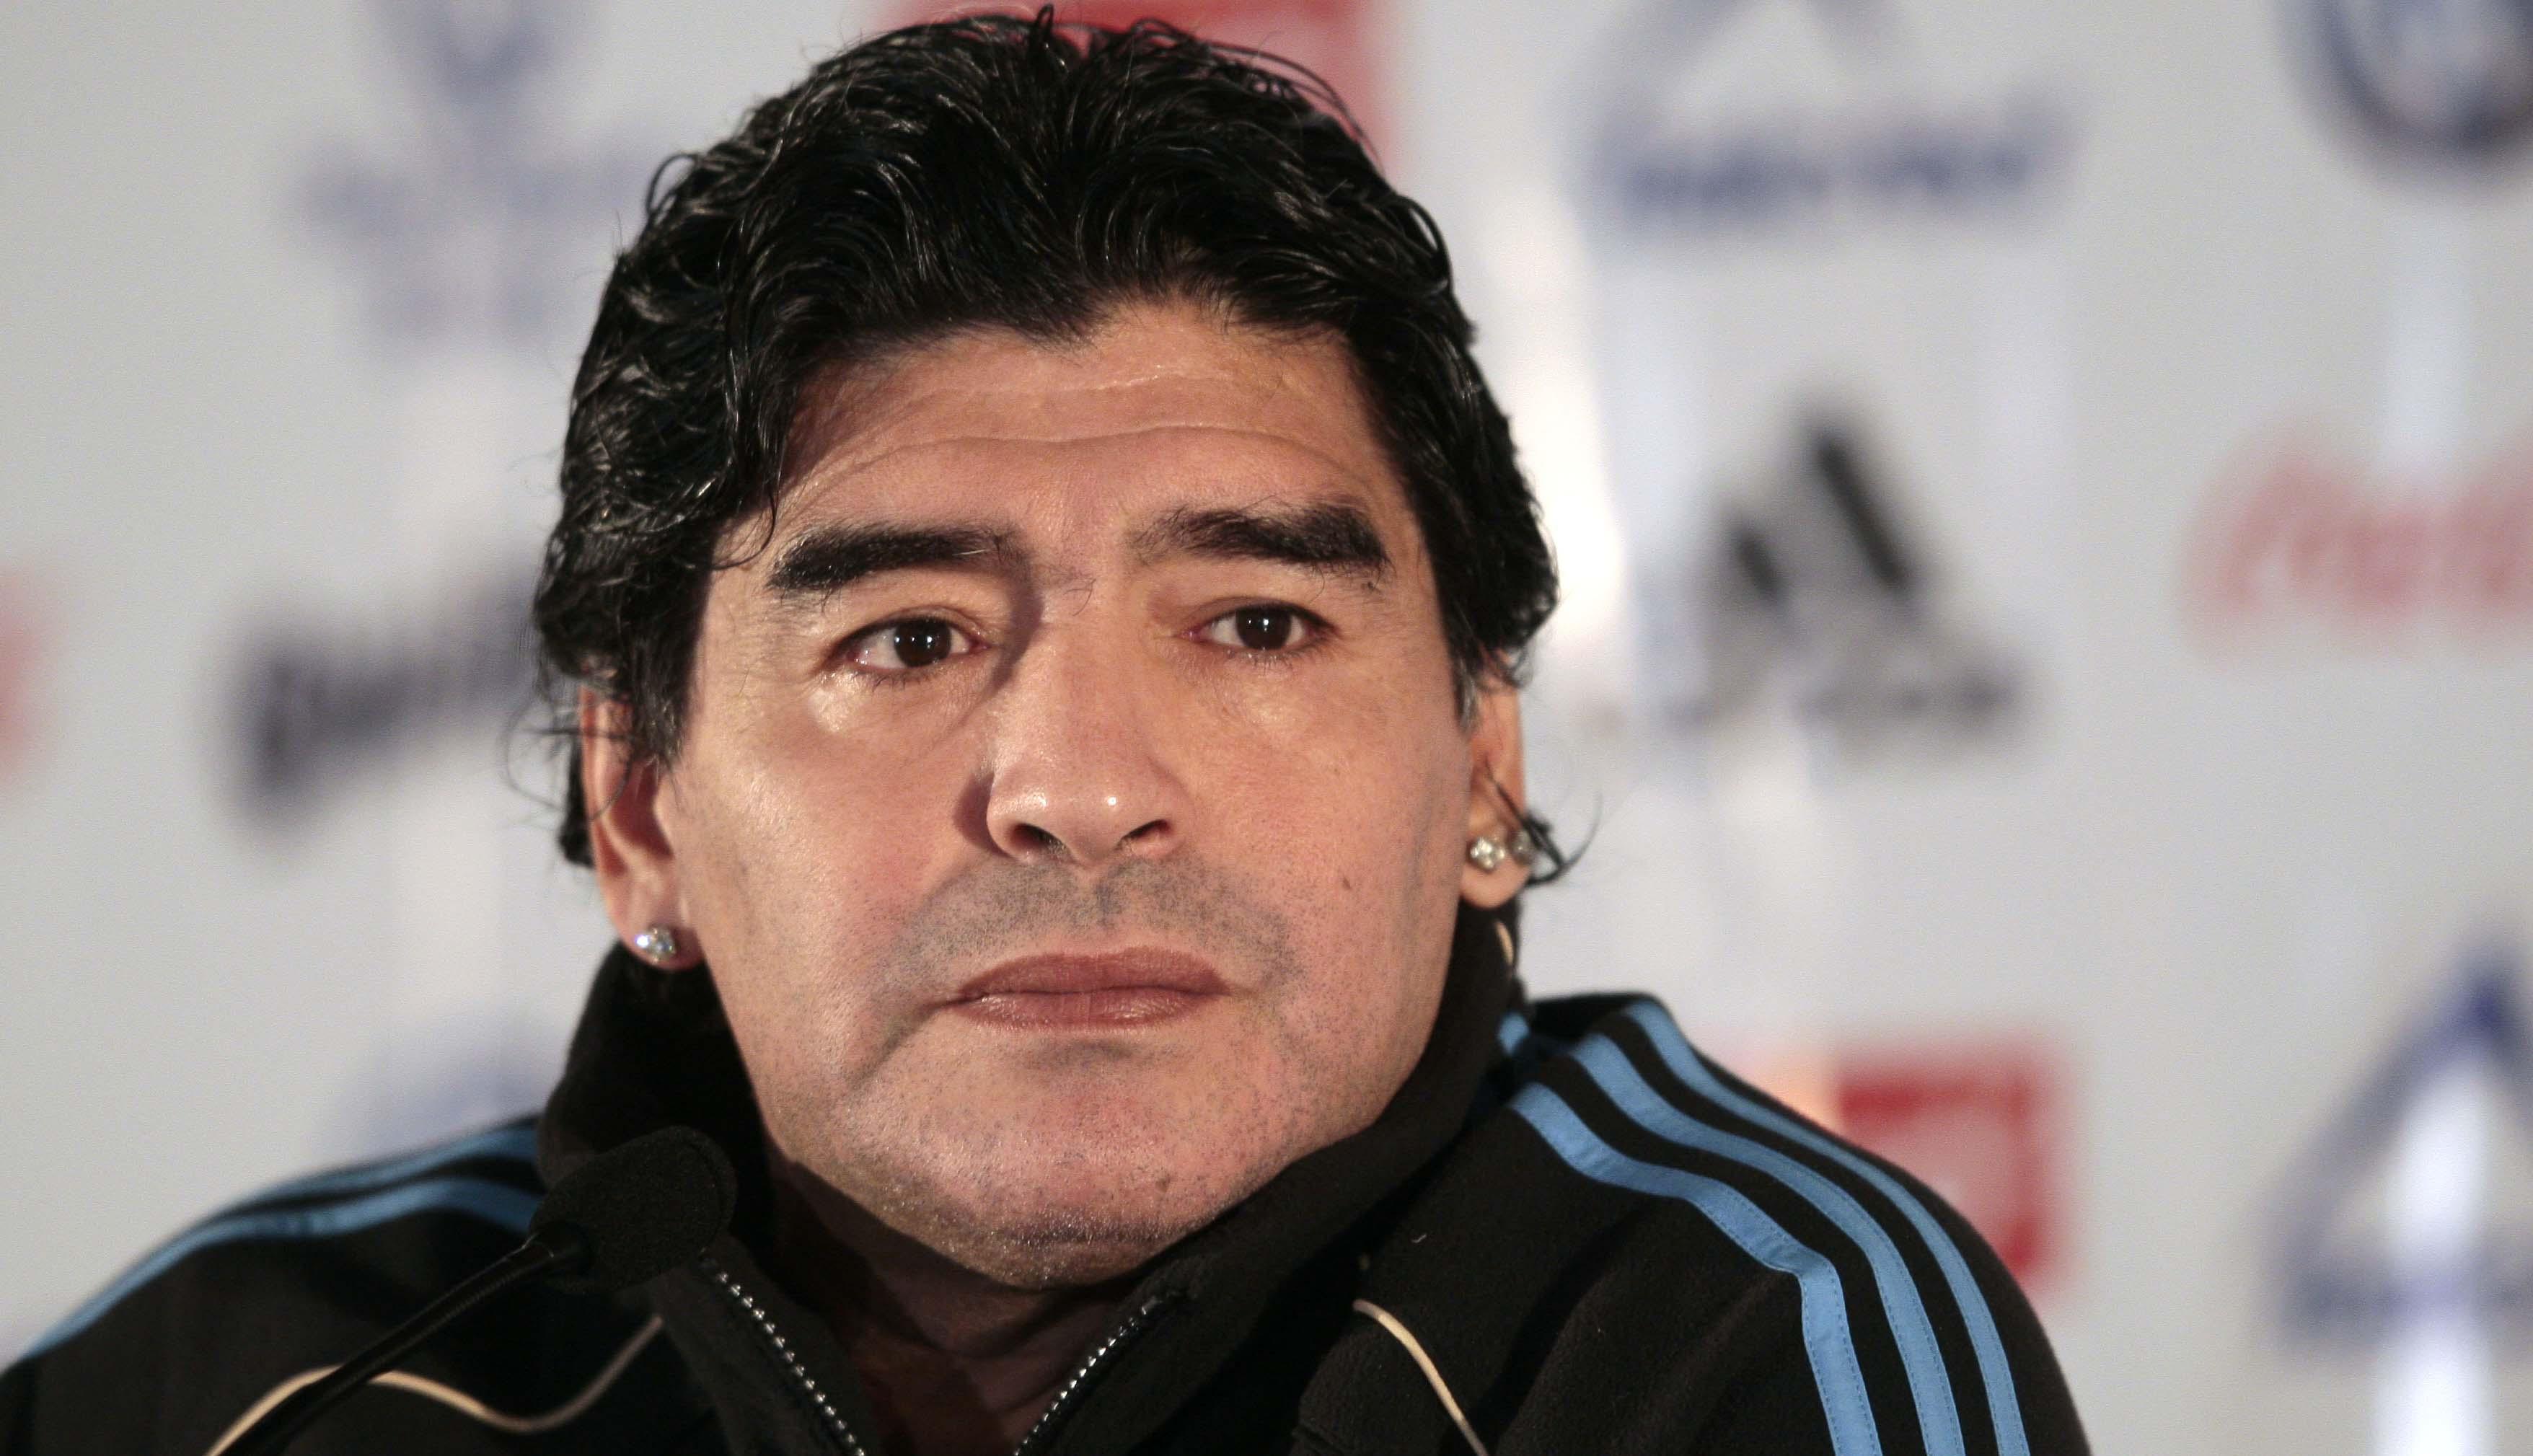 Maradona è tornato dal chirurgo estetico per un lifting al volto